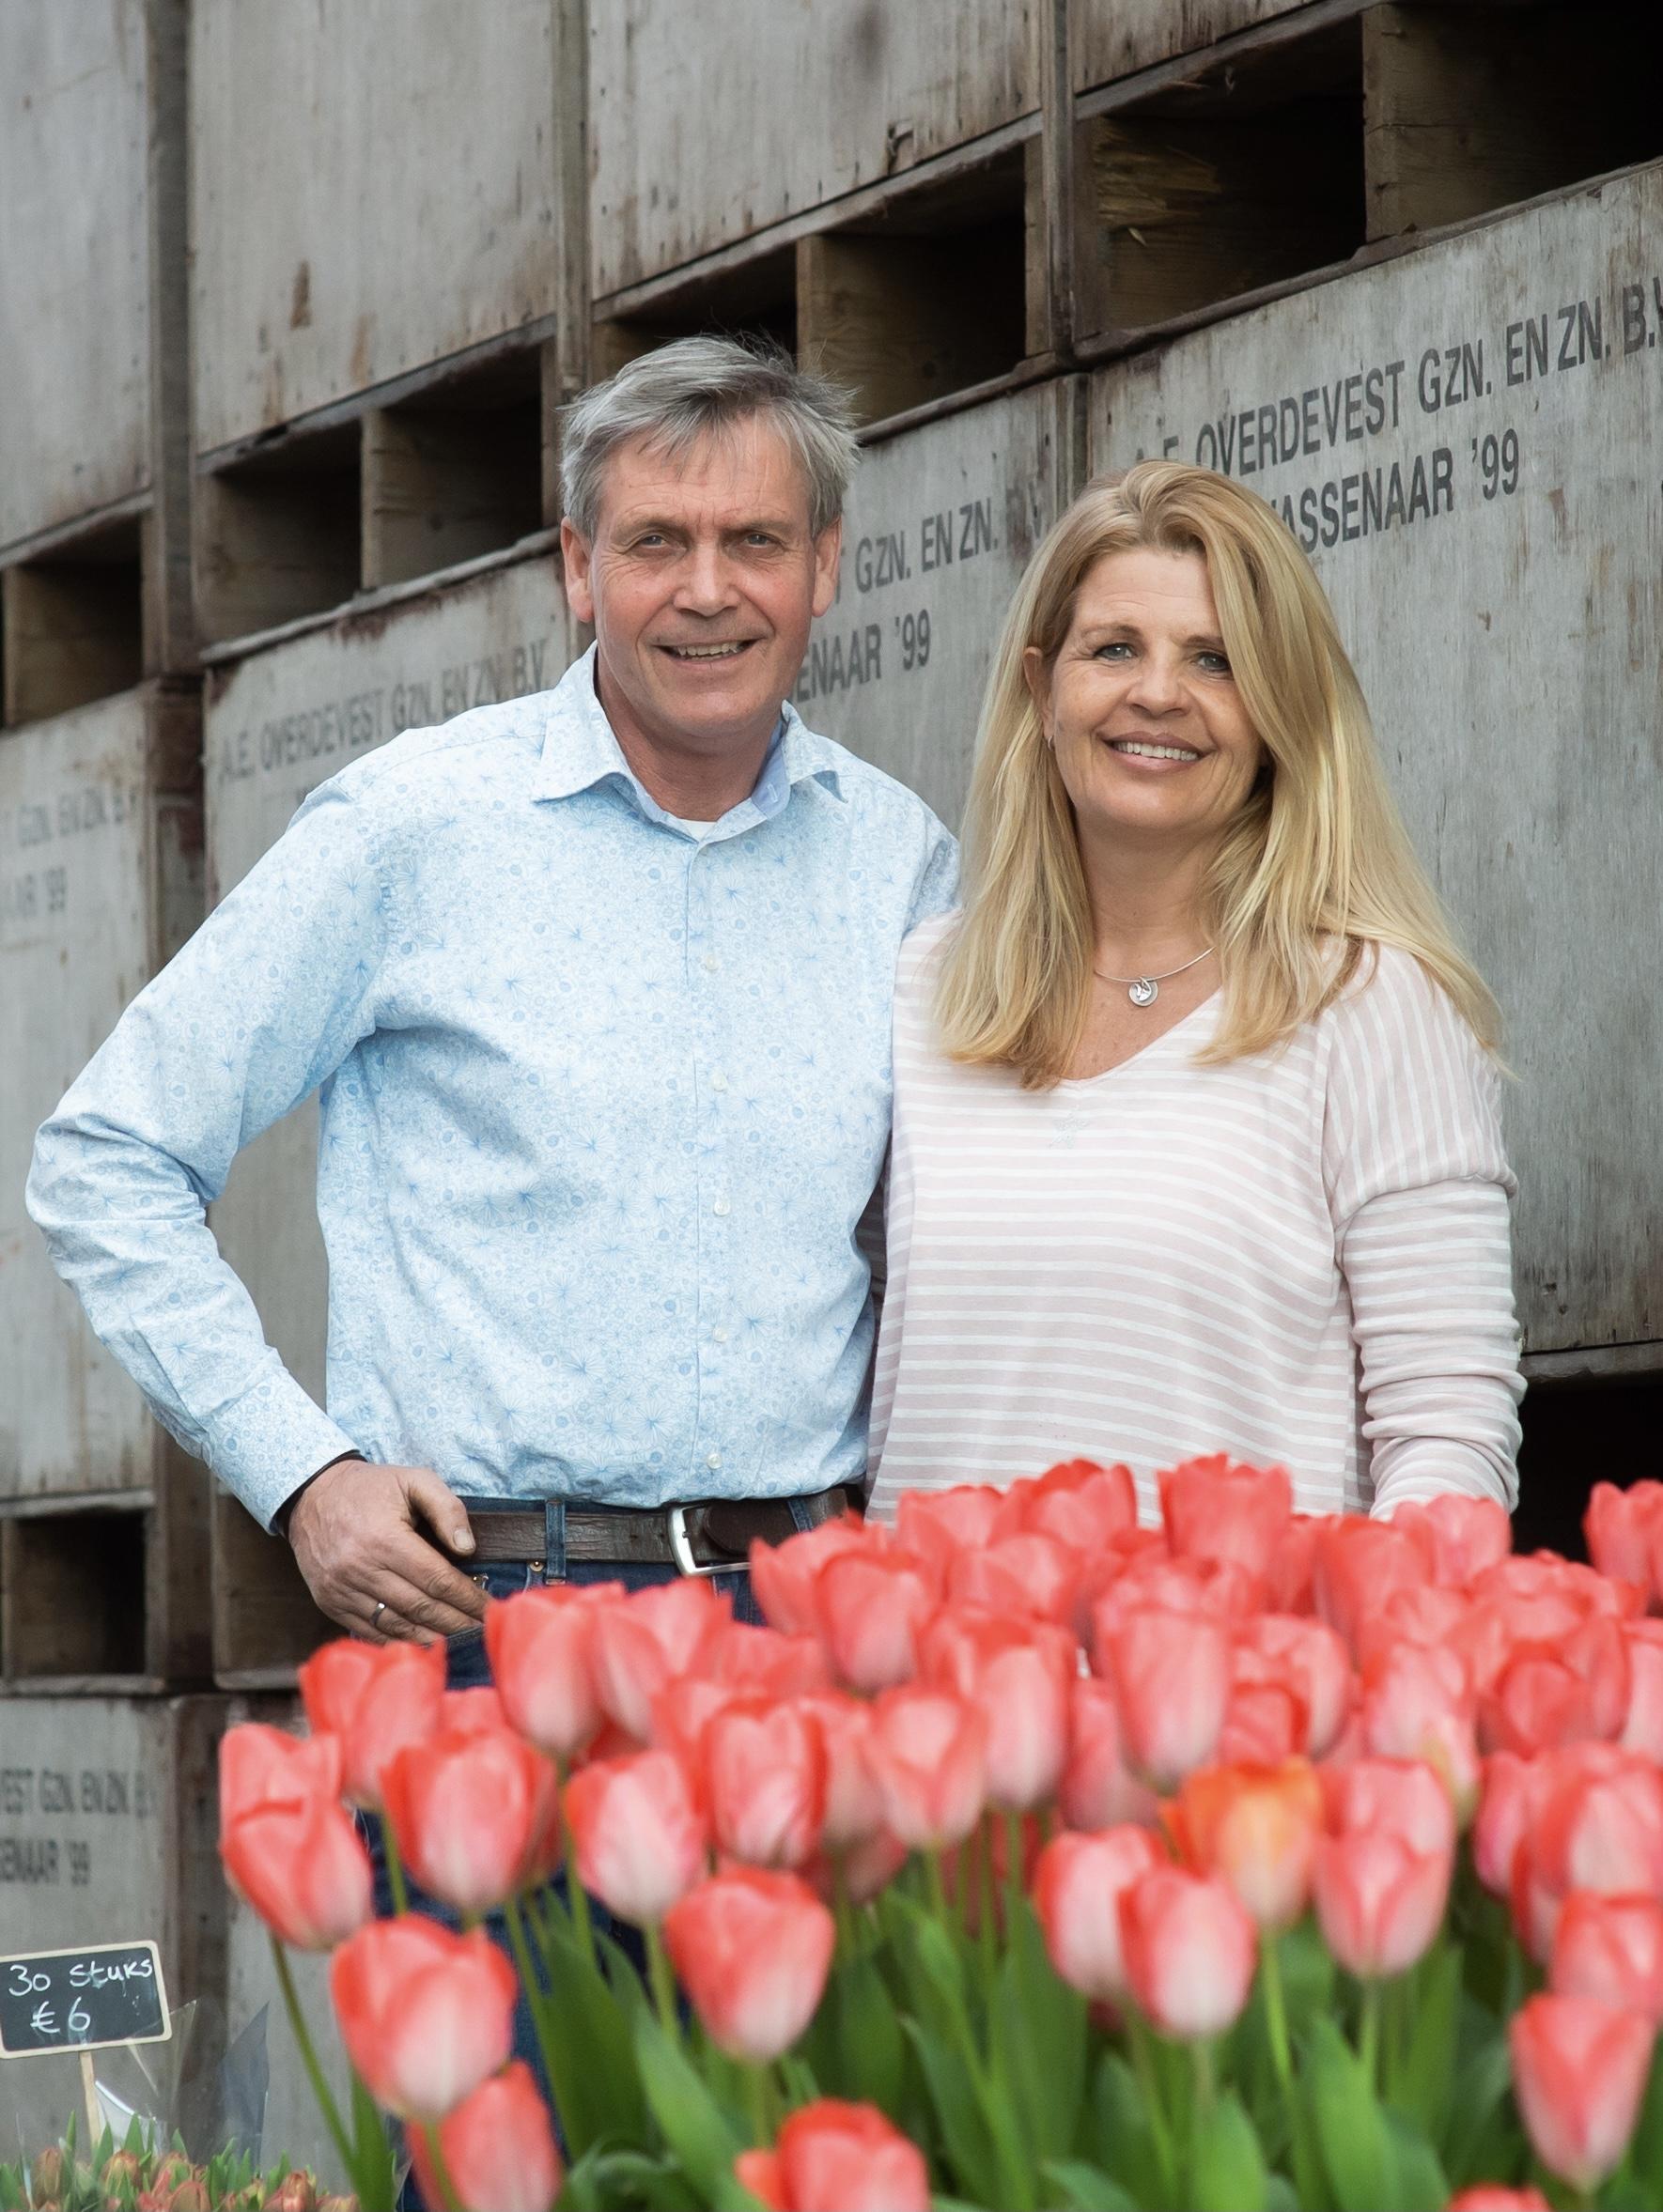 Kees en Ingrid Overdevest